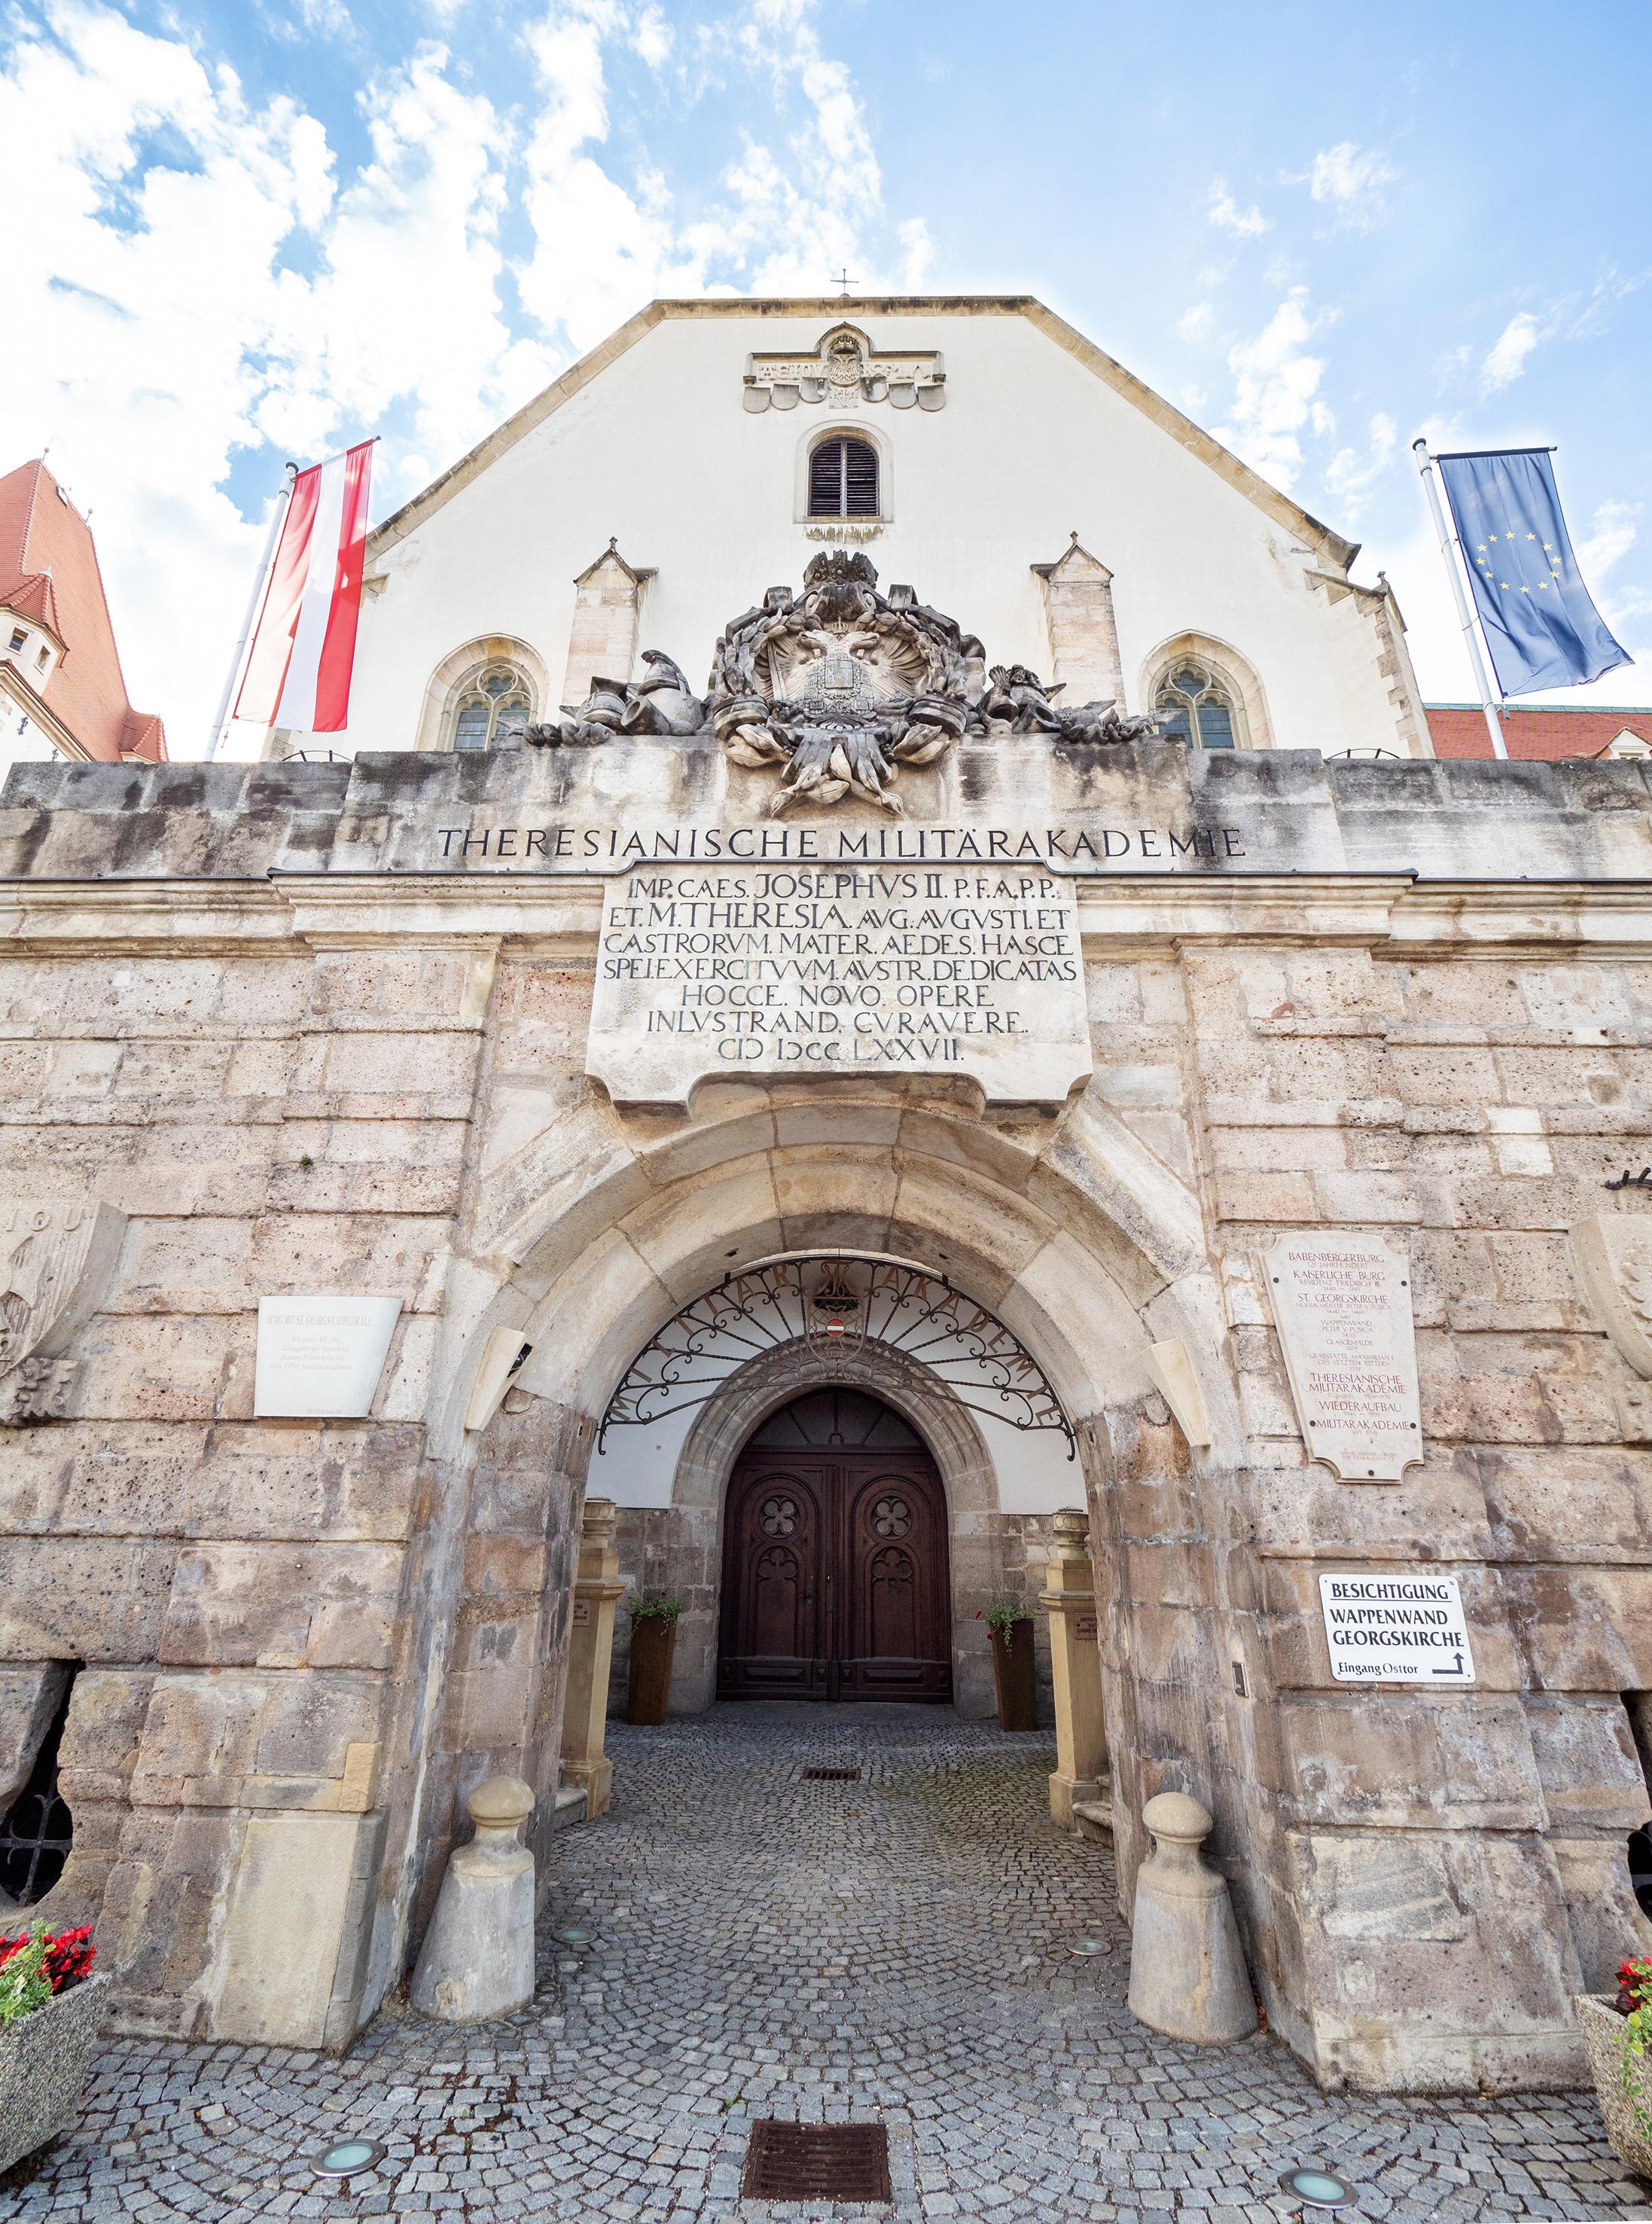 in der Georgskathedrale liegt Kaiser Maximilian I. begraben